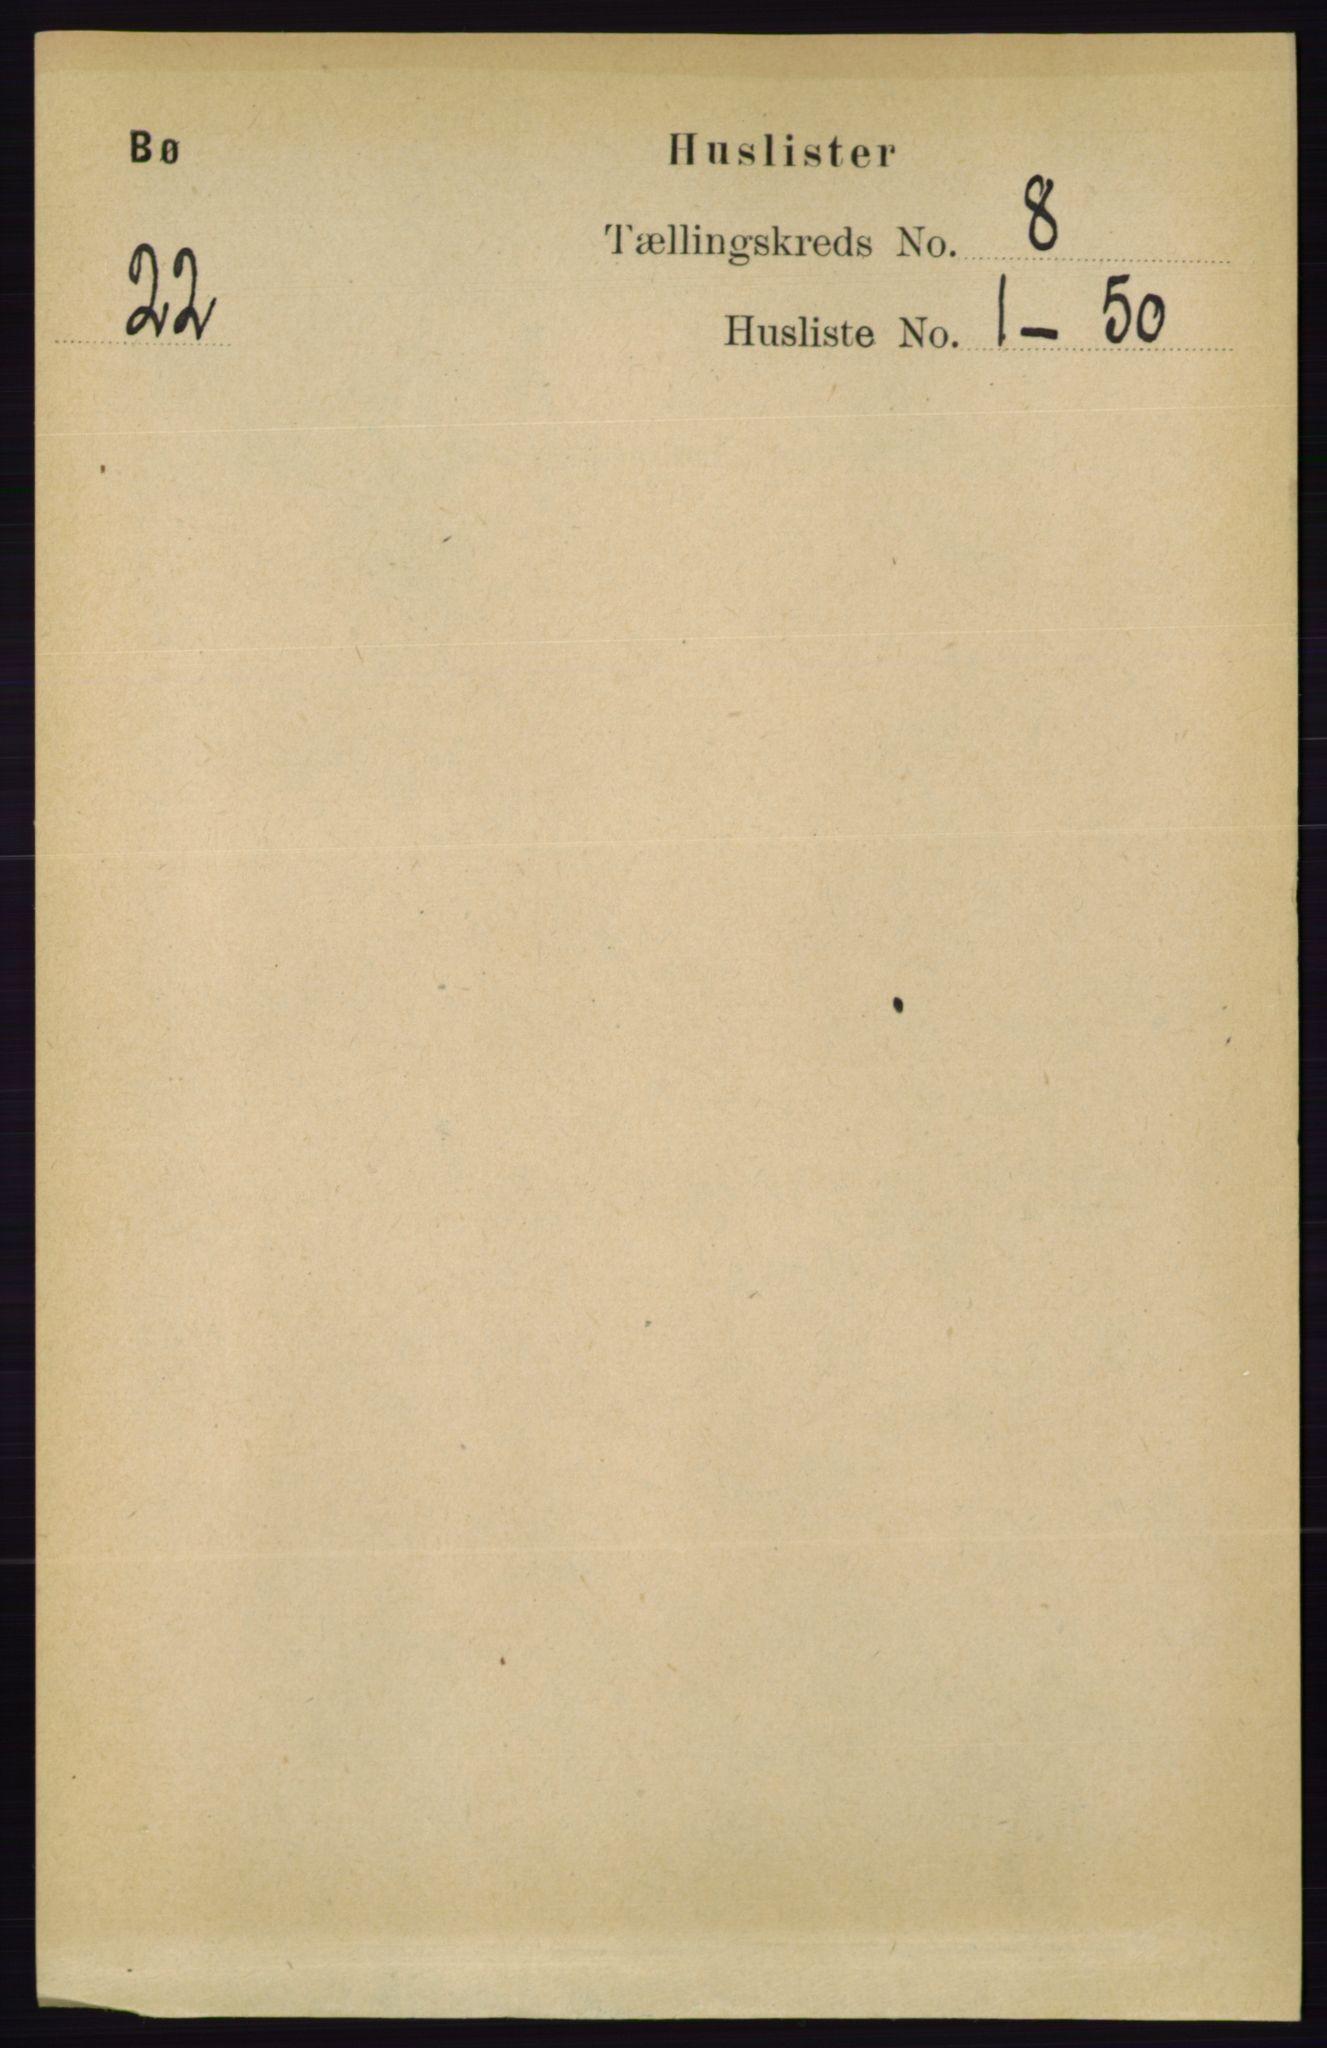 RA, Folketelling 1891 for 0821 Bø herred, 1891, s. 2502